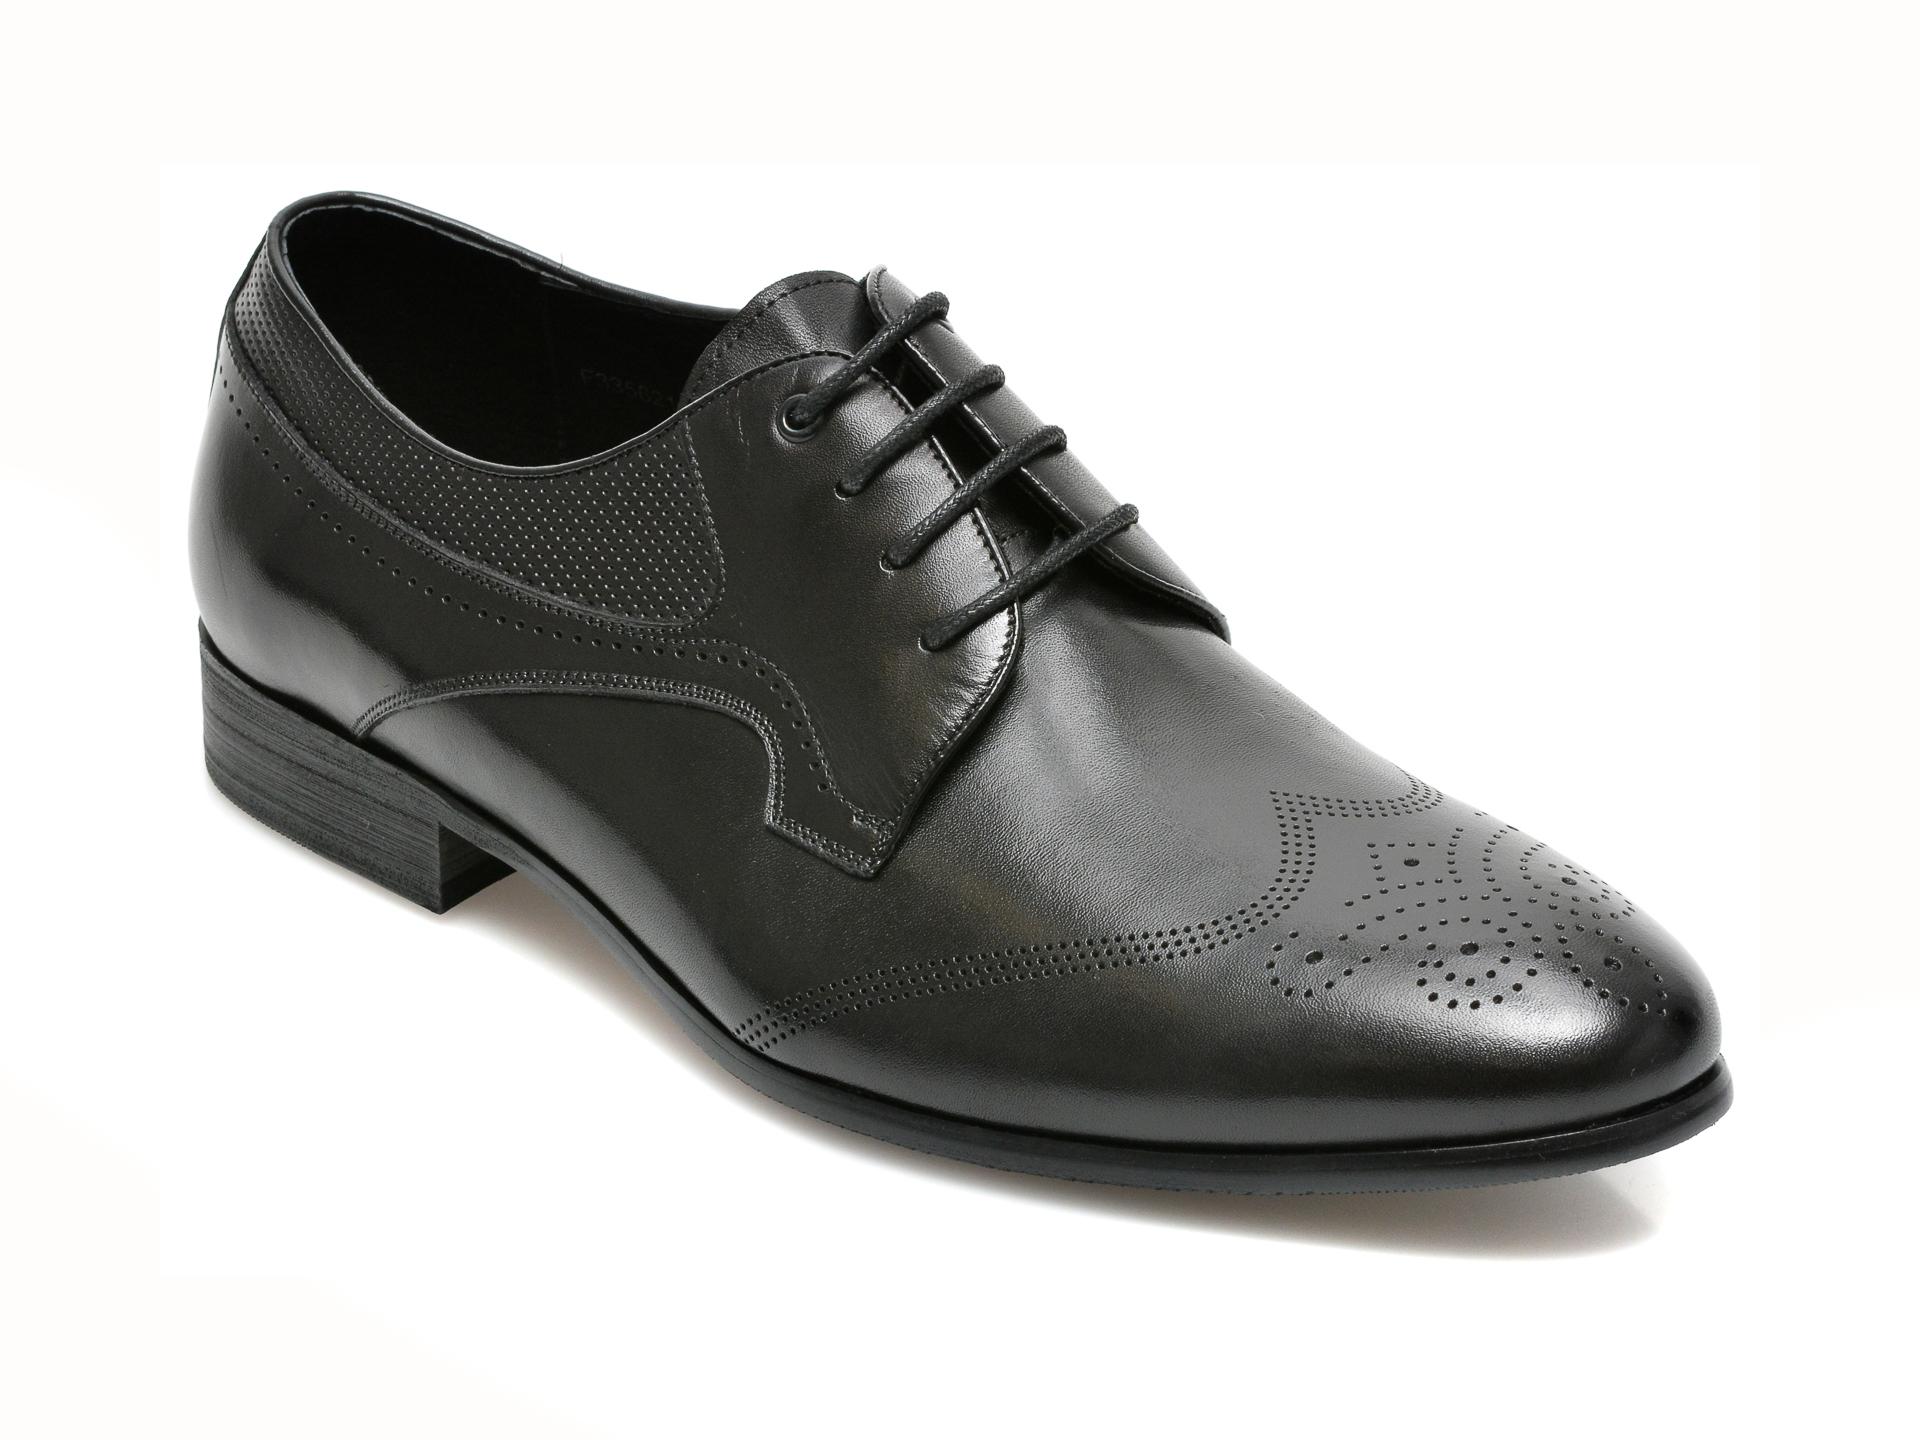 Pantofi CARIBU negri, F335621, din piele naturala